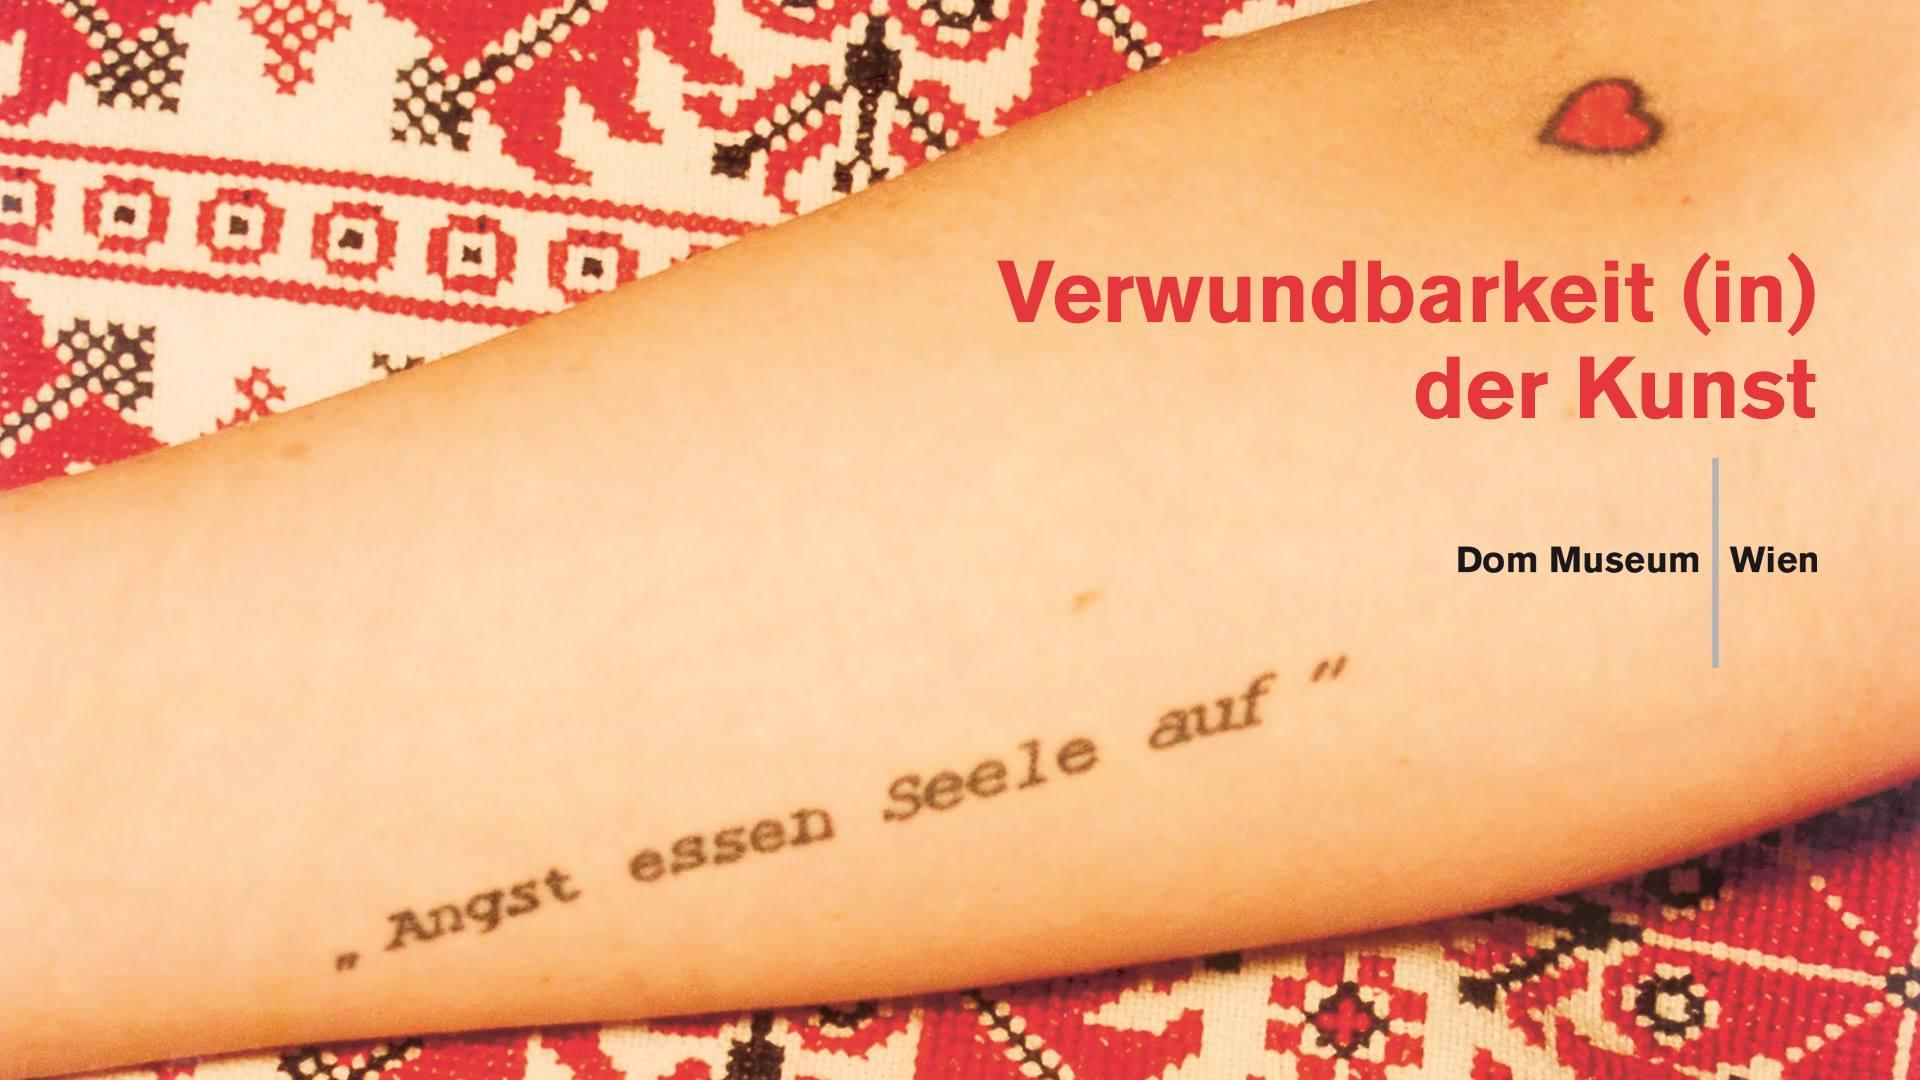 Katrina Daschner, Angst essen Seele auf (Detail), 2006. Dom Museum Wien, Sammlung Otto Mauer. Foto: Katrina Daschner